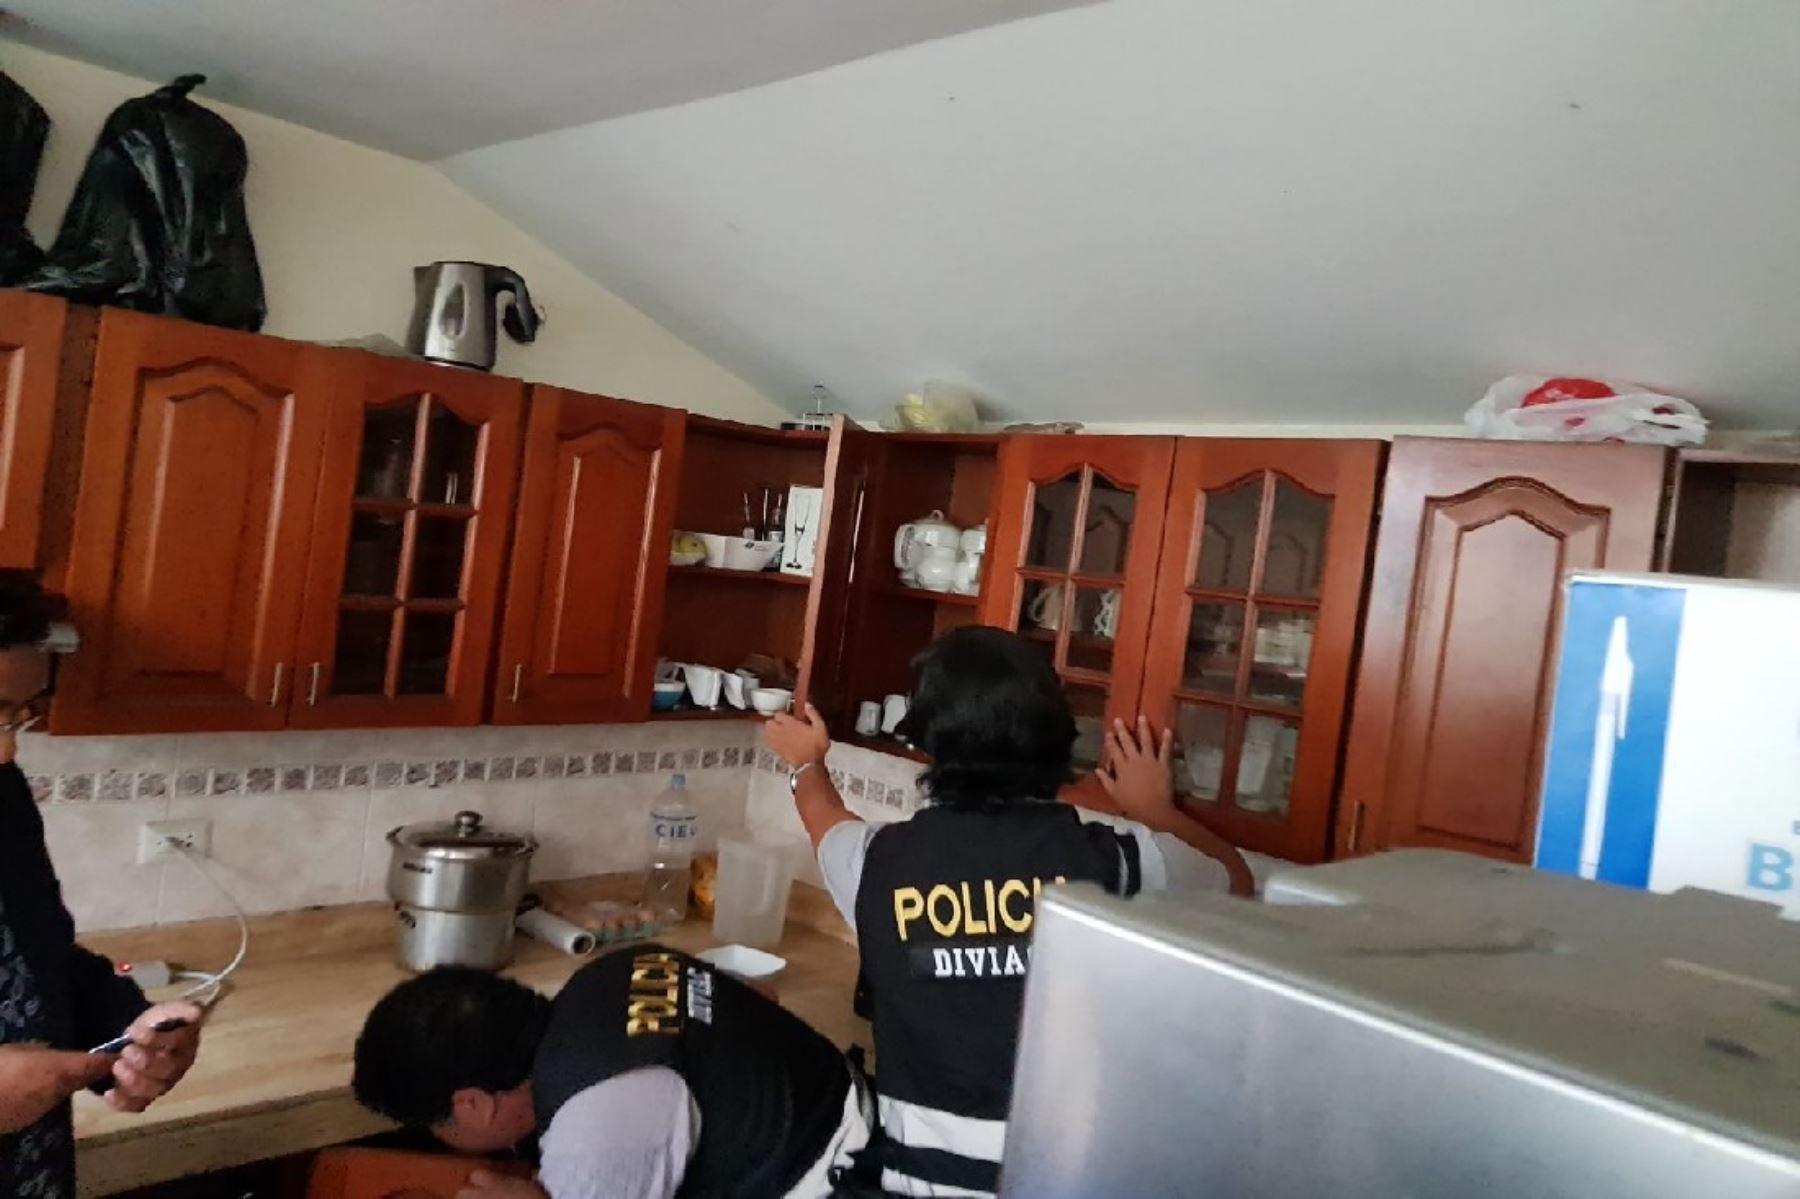 Fiscales realizan allanamiento en local de Fuerza Popular. Foto: Twitter de congresista Alejandra Aramayo.